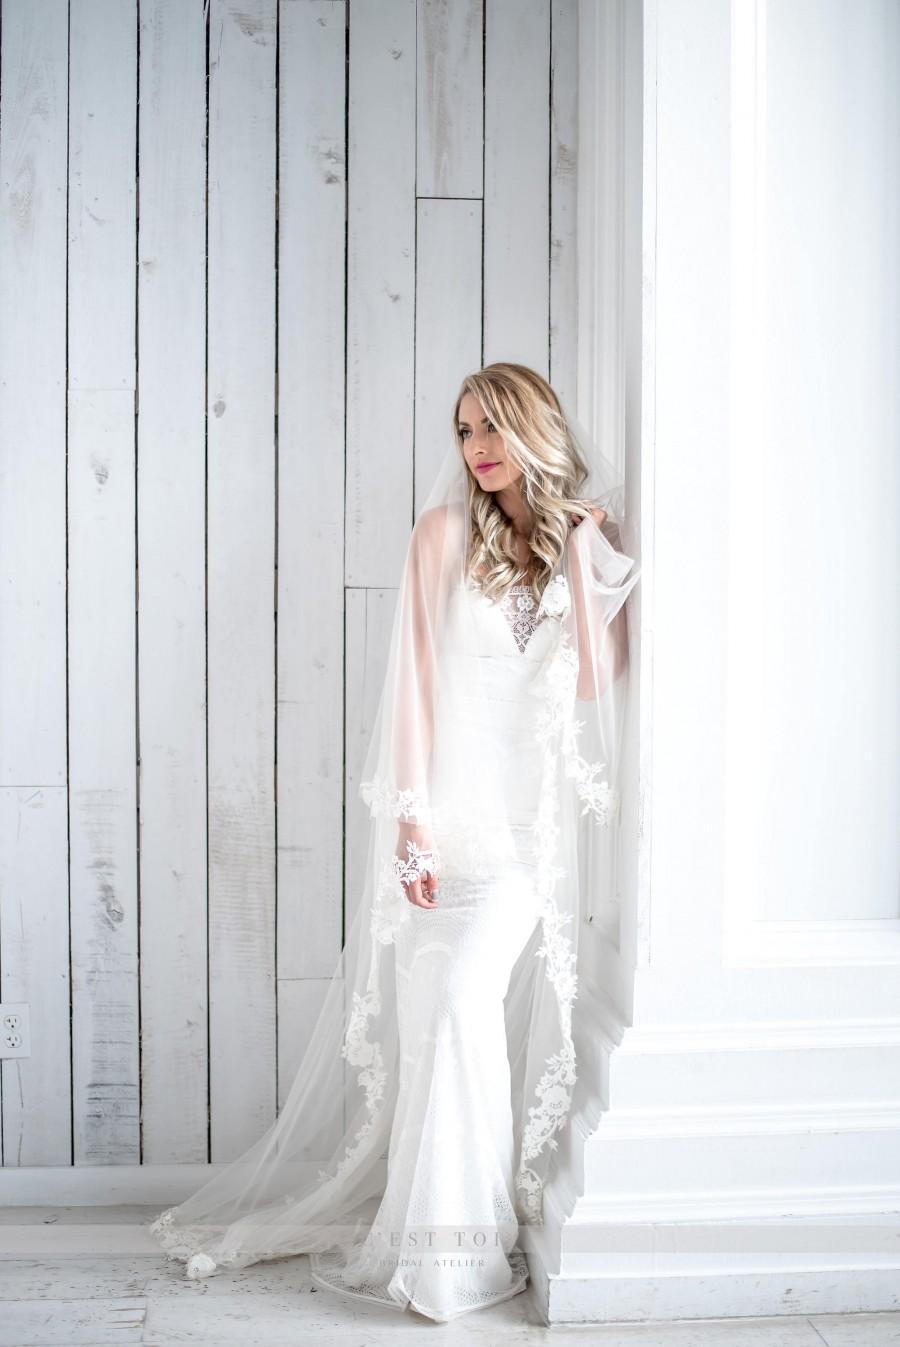 Mariage - V01, Drop Lace Veil, Drop Lace Bridal Veil, Drop Veil, Bridal Veil, Lace Veil, Wedding Veil, Wedding Lace Veils, Cascading Veil